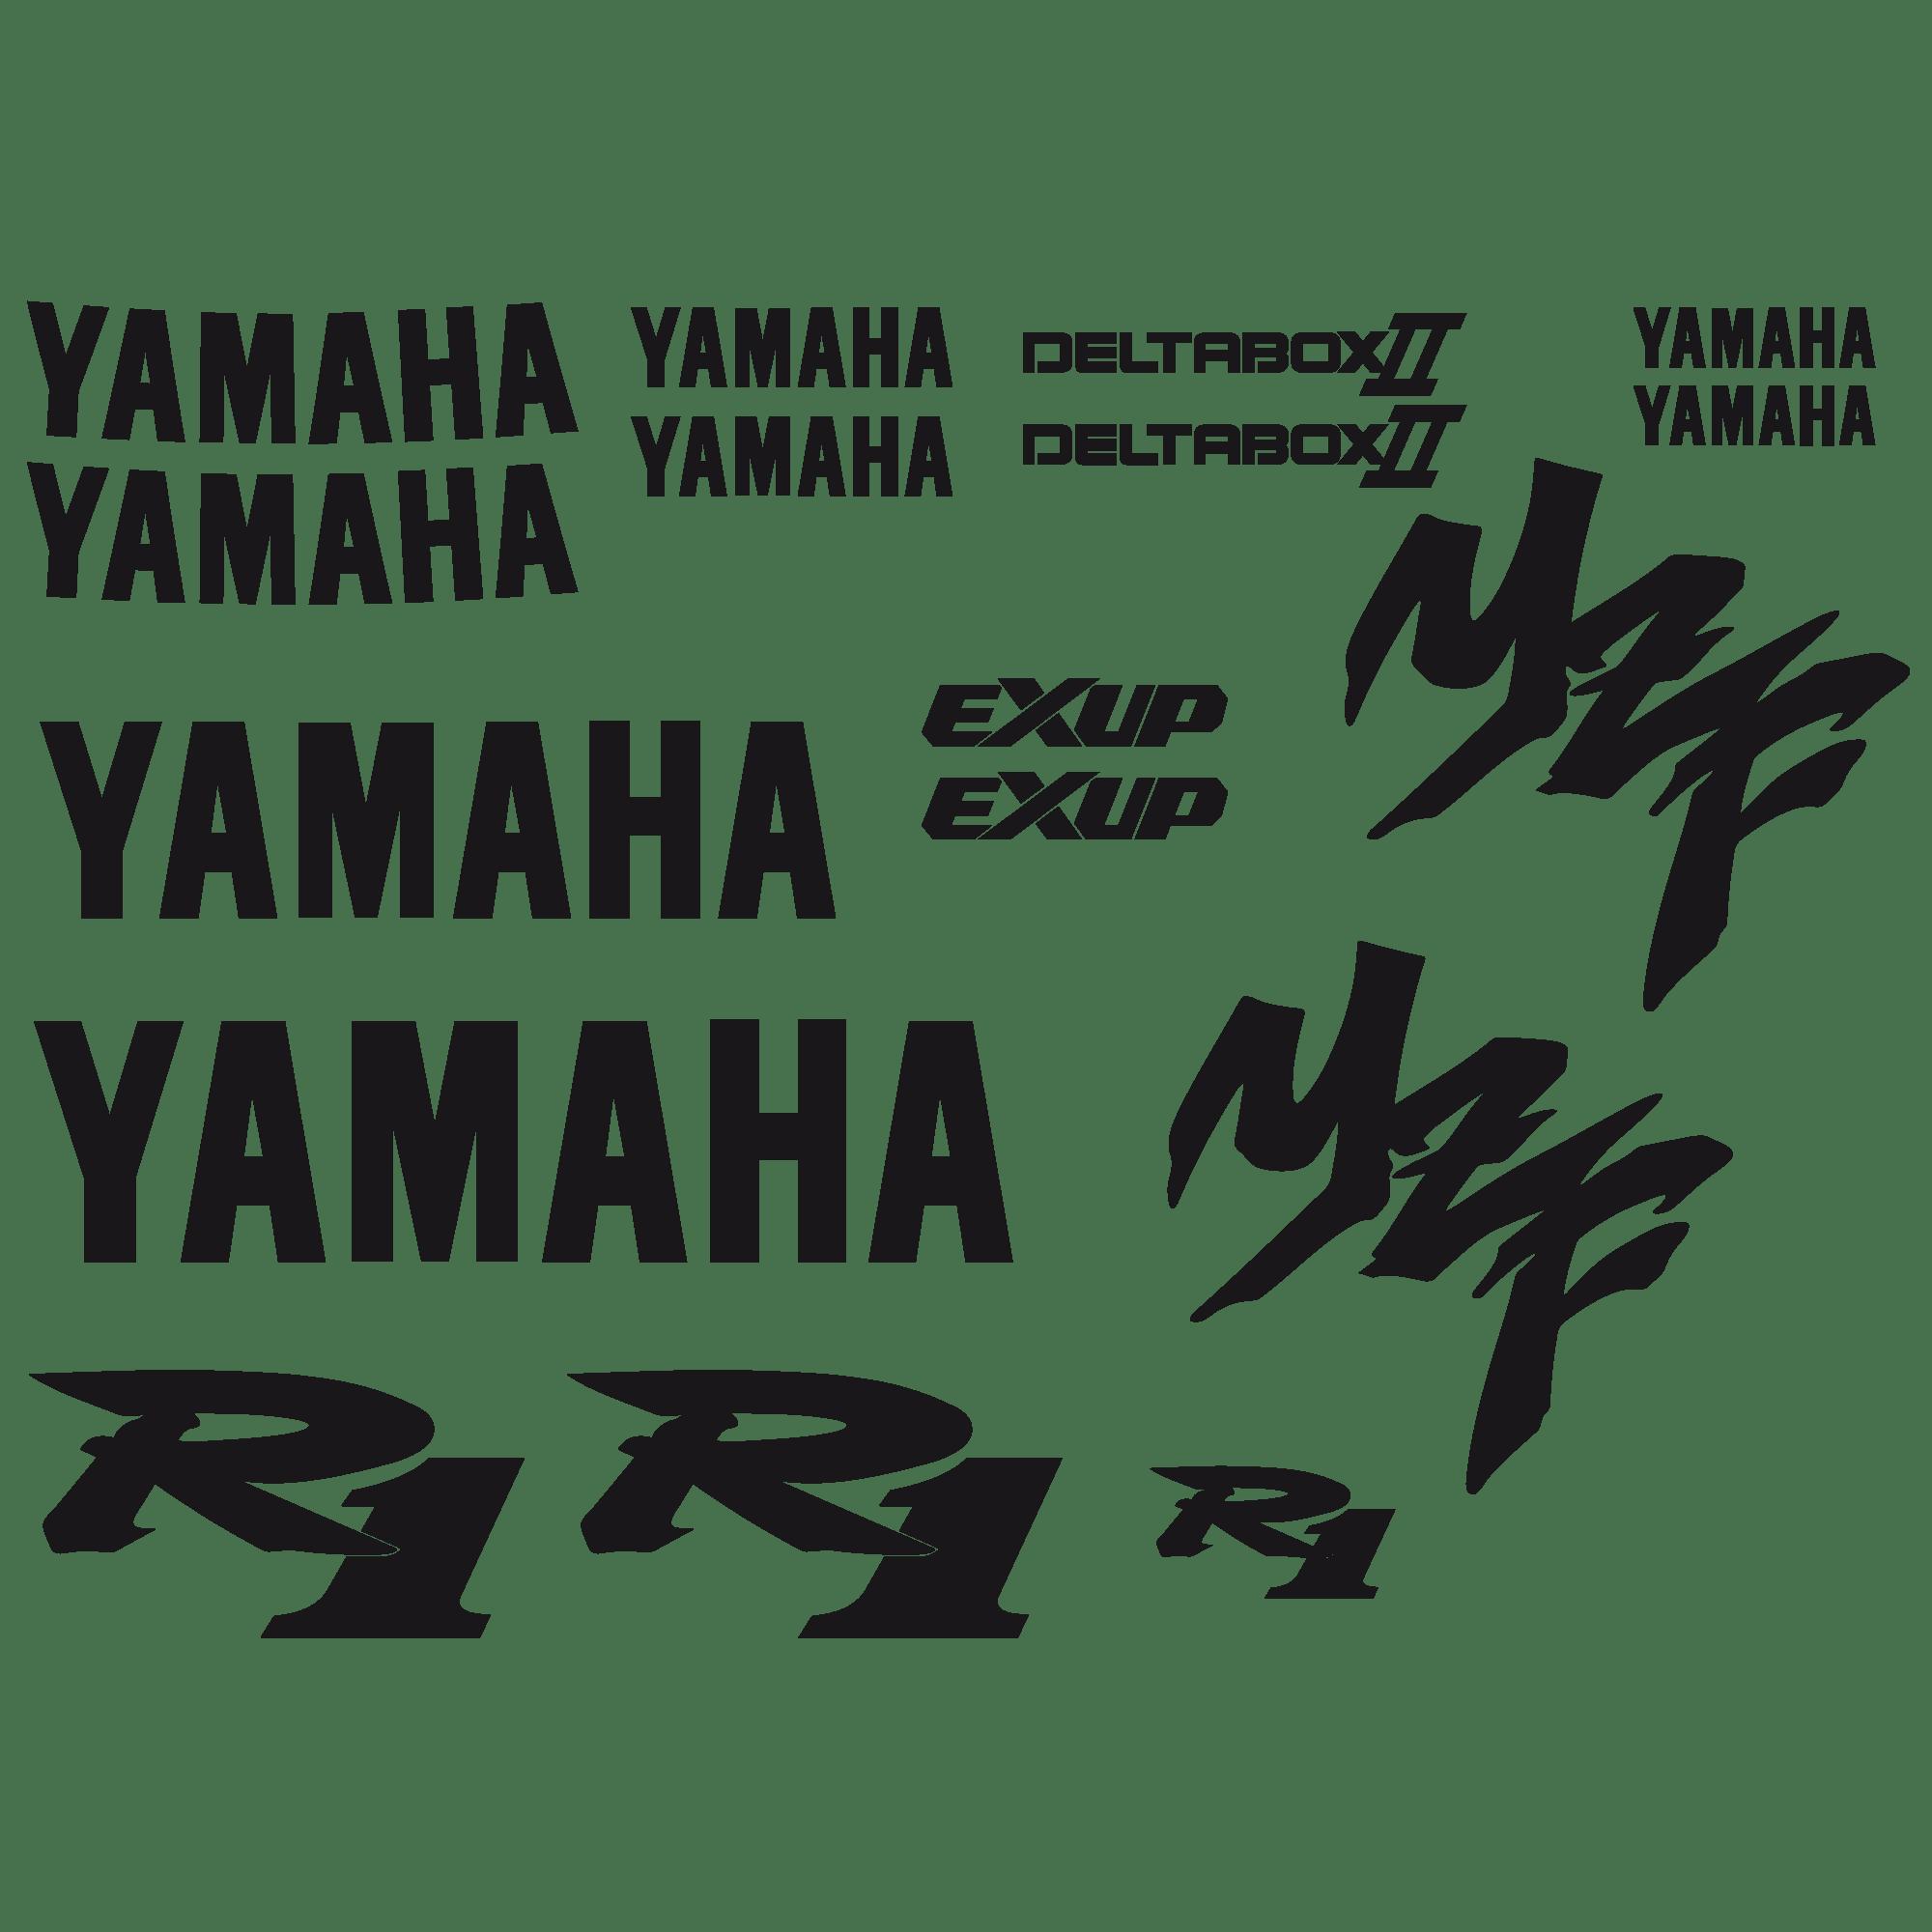 Pegatina Yamaha YZF R1